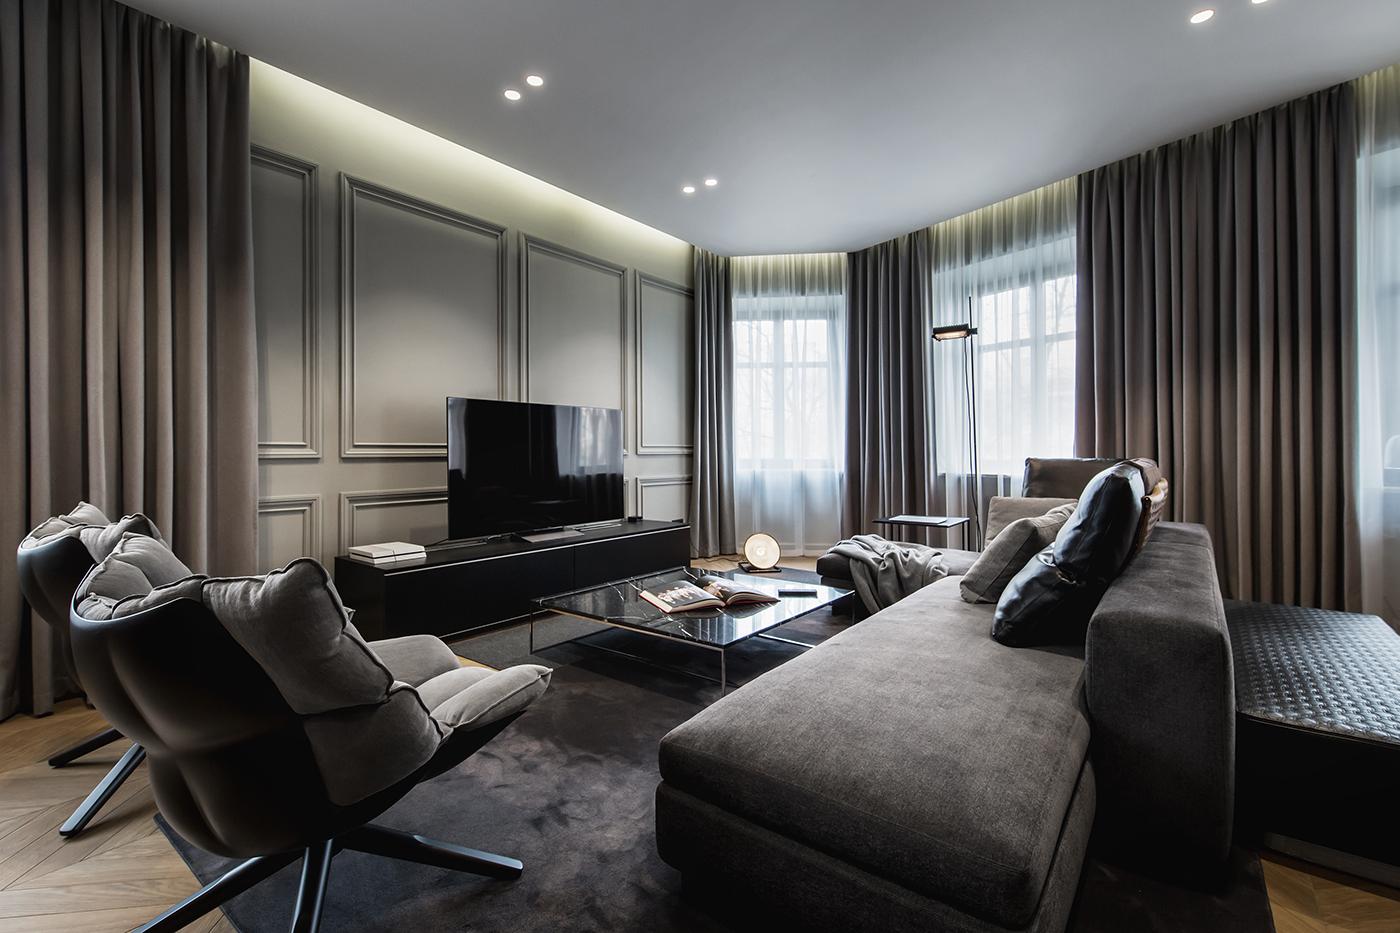 apartment Interior flat shurpenkov yodezeen design modern Style italian Minotti